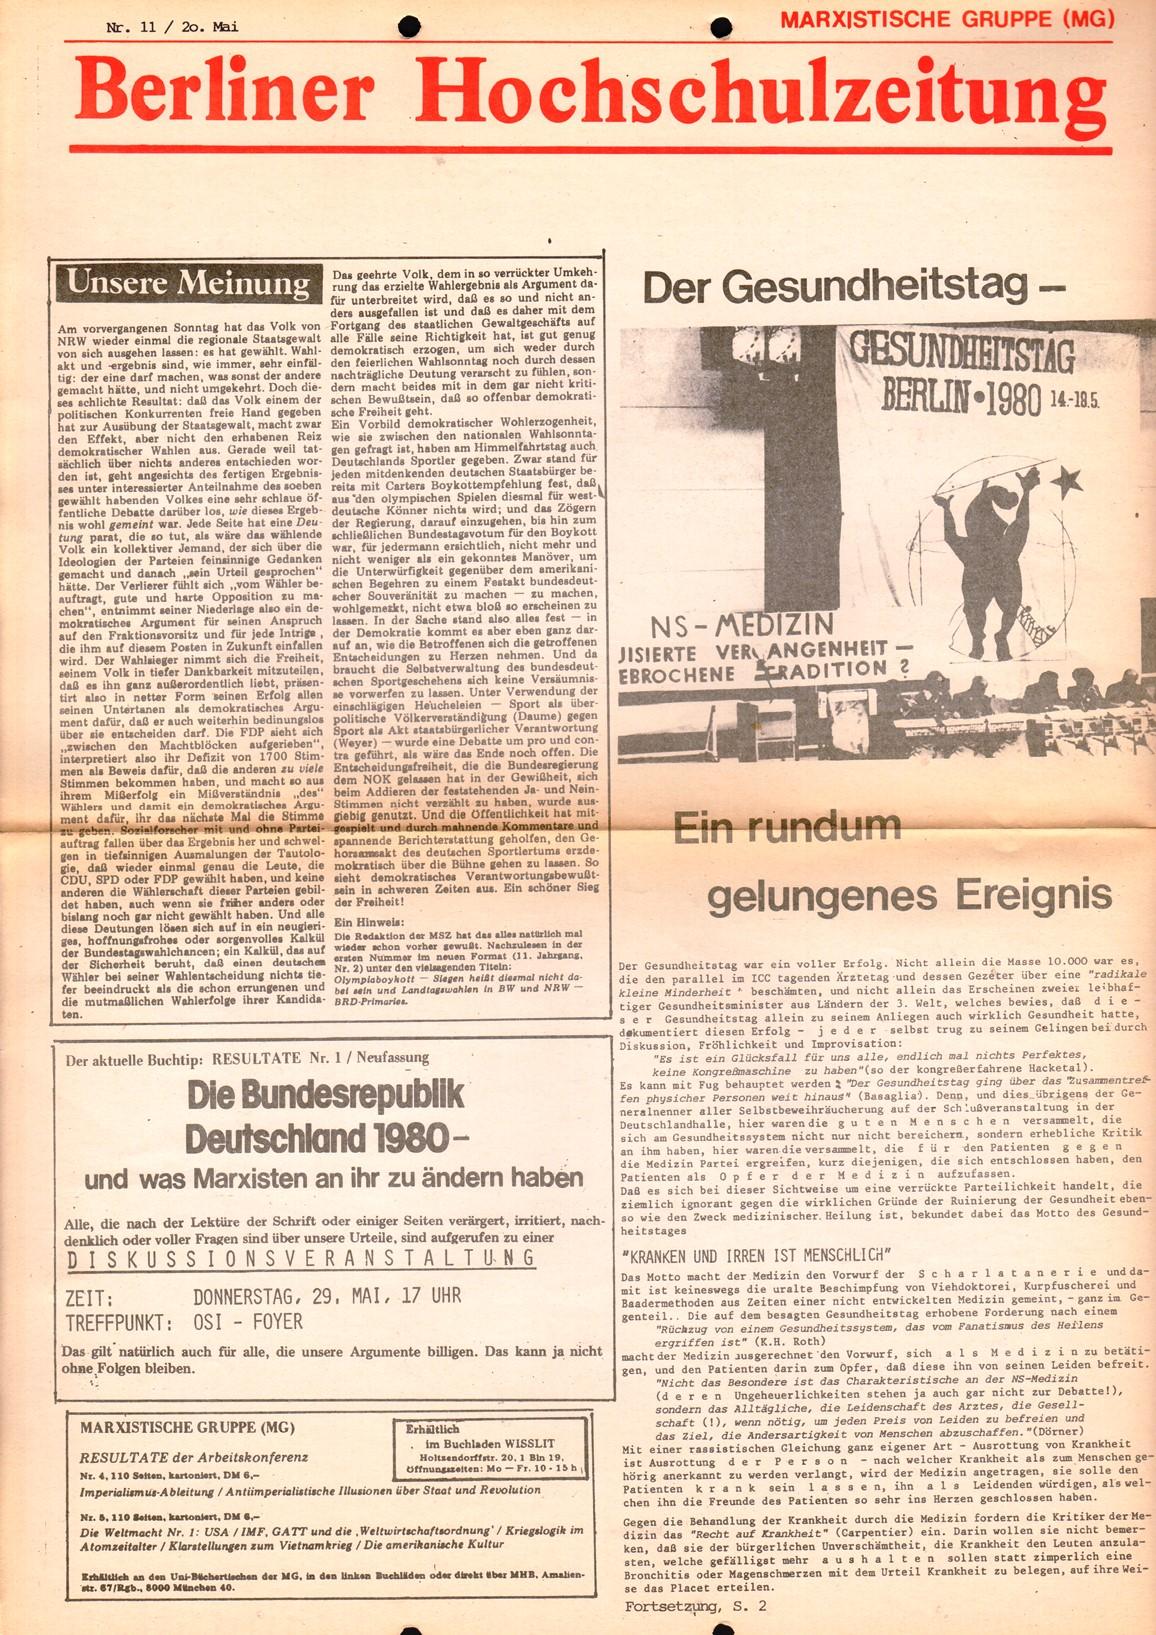 Berlin_MG_Hochschulzeitung_19800520_01